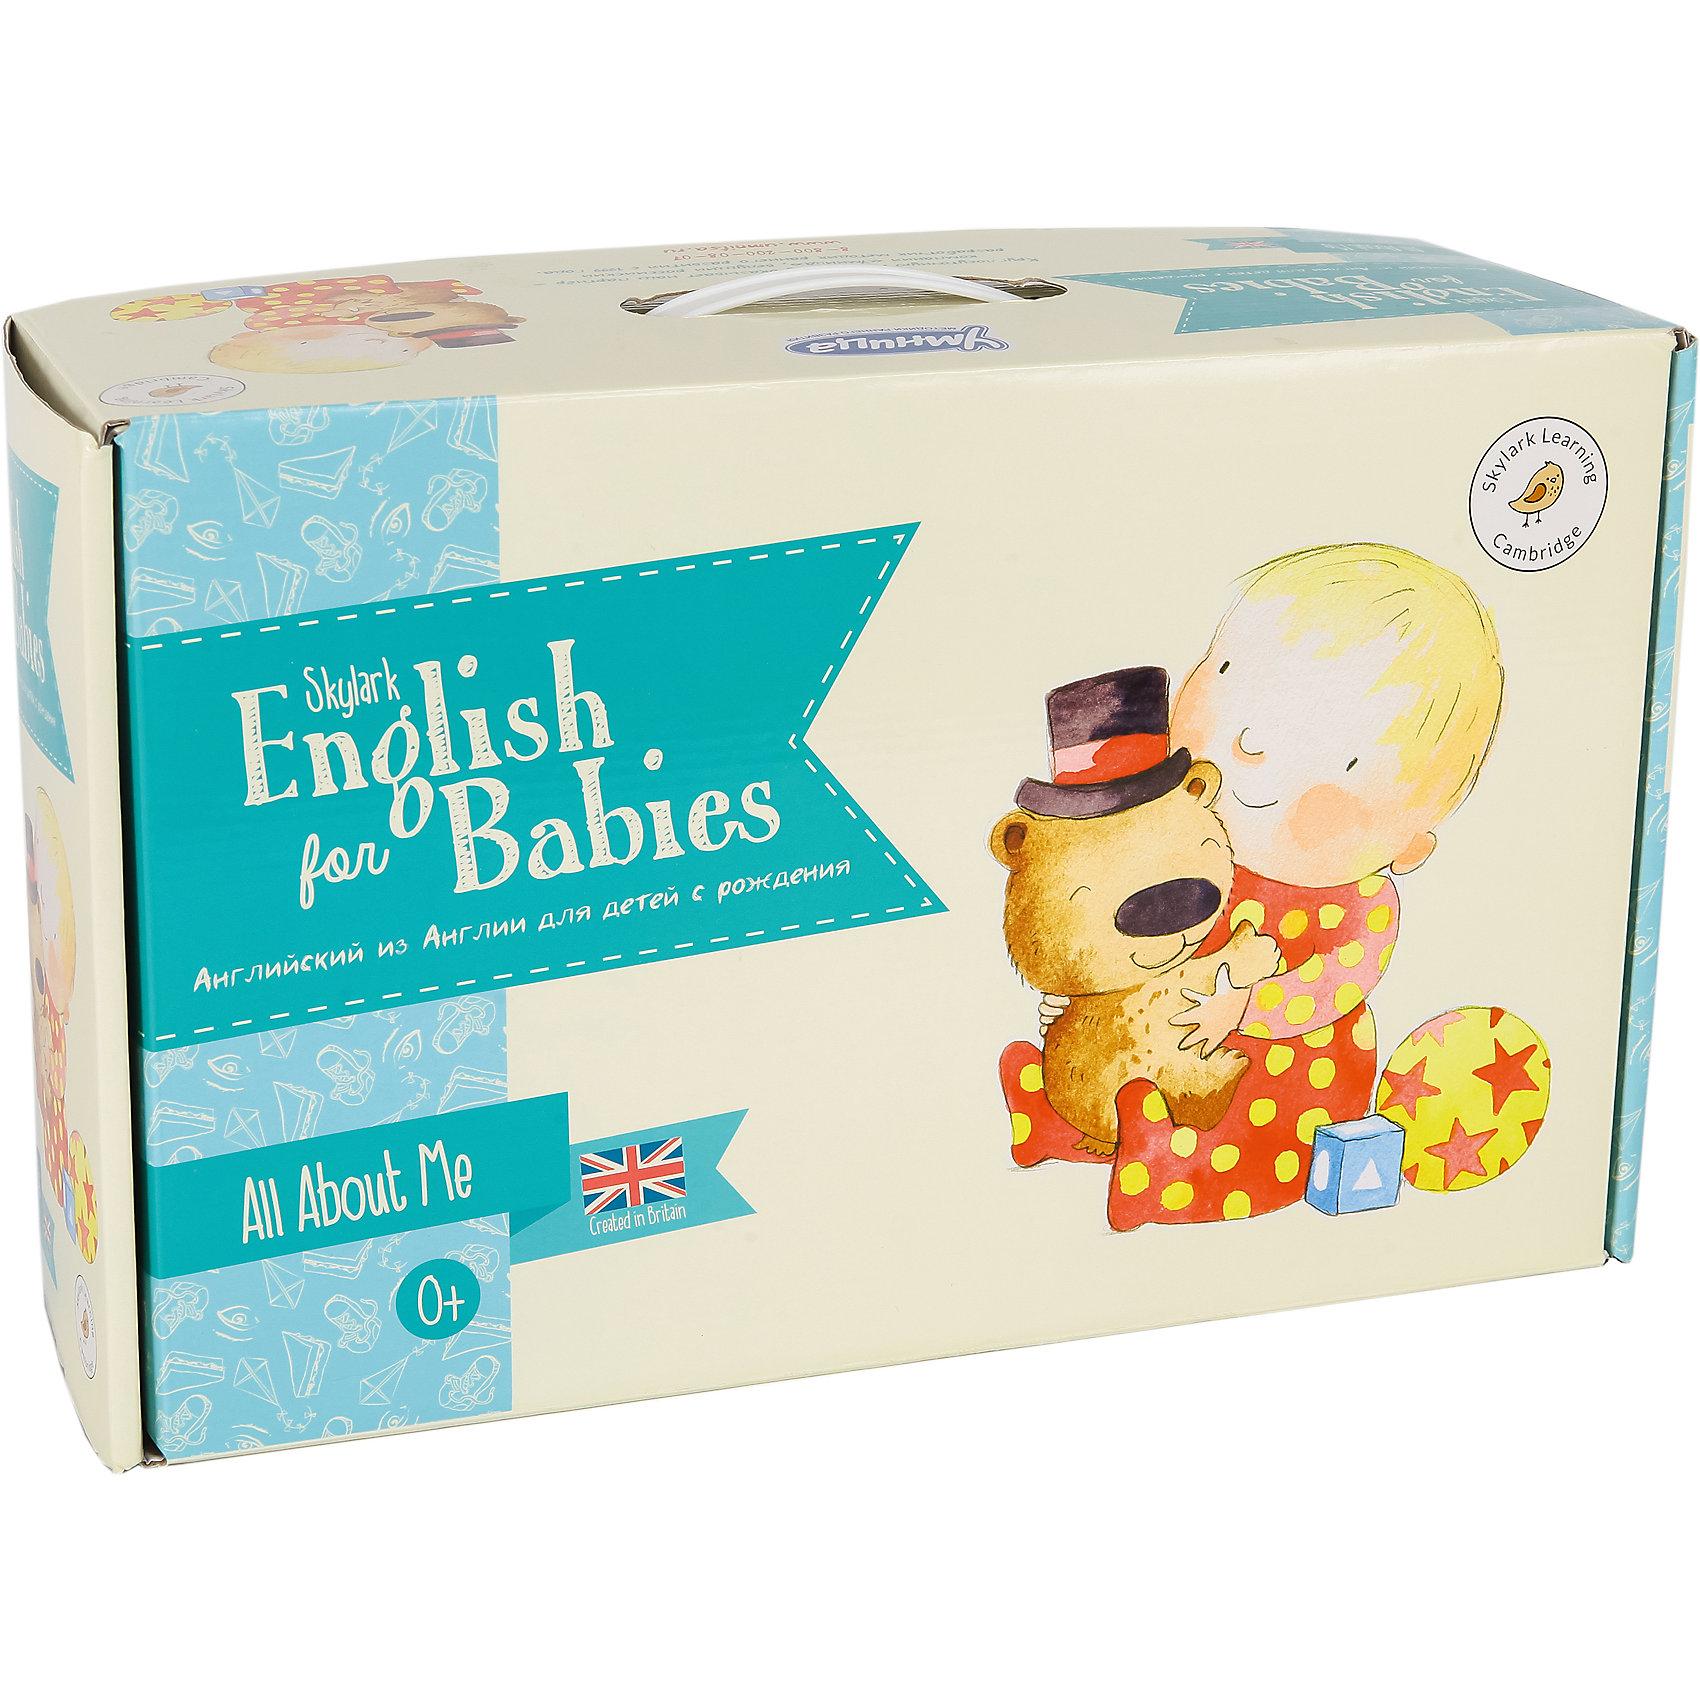 Английский для малышей Skylark English for BabiesАнглийский для малышей Skylark English for Babies – изучение иностранного языка с пеленок.<br>Уникальная методика разработана в Кембридже, поэтому изучение материала по такой программе гарантирует правильное британское произношение английского языка. Ребенок научится правильно говорить, понимать речь обращенную к нему и самое главное – сможет использовать язык и думать на нем. Родители могут использовать карточки, даже если не знают иностранный язык.<br><br>Дополнительная информация: <br><br>- в комплекте: методическое пособие для родителей, книга с играми, кукла-рукавица Жаворонок, 12 книжек, песни, словарь, карточки, игровое поле, аудиозаписи<br><br>Английский для малышей Skylark English for Babies можно купить в нашем интернет магазине.<br><br>Ширина мм: 140<br>Глубина мм: 240<br>Высота мм: 380<br>Вес г: 4430<br>Возраст от месяцев: 0<br>Возраст до месяцев: 48<br>Пол: Унисекс<br>Возраст: Детский<br>SKU: 4993624